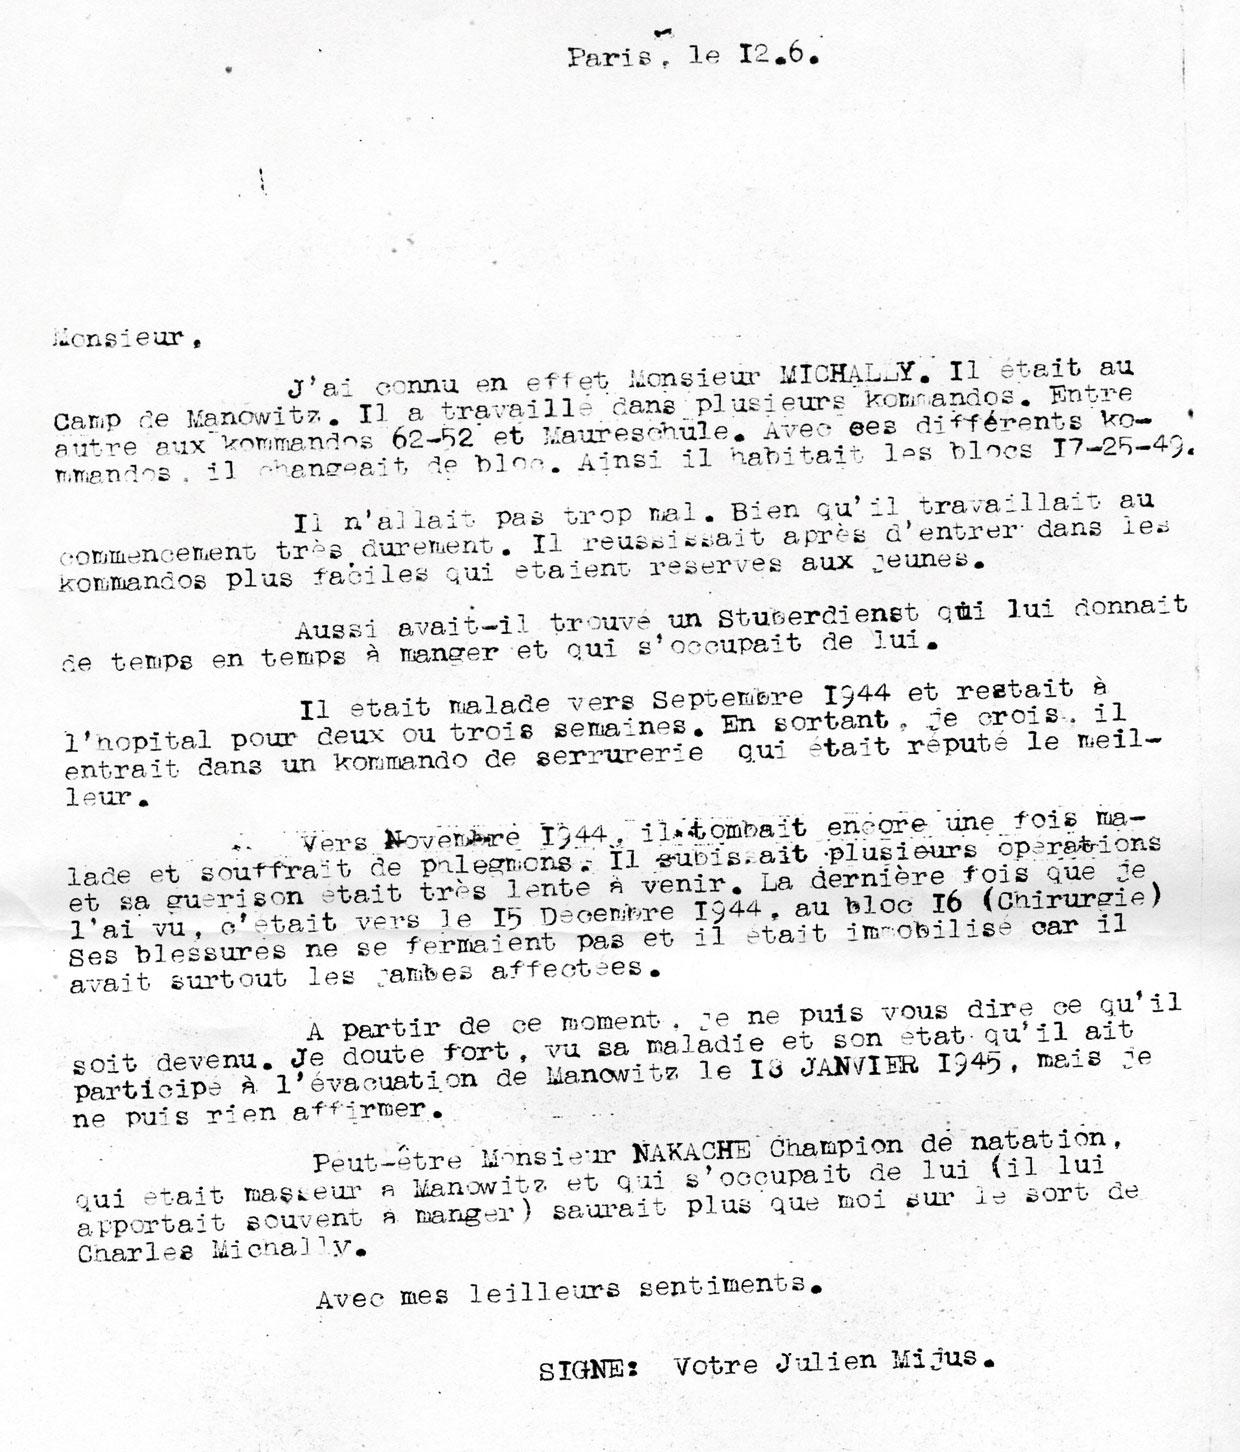 Lettre de témoignage de Julien Mijus à propos de Charles, Mechally, Saint-Fons